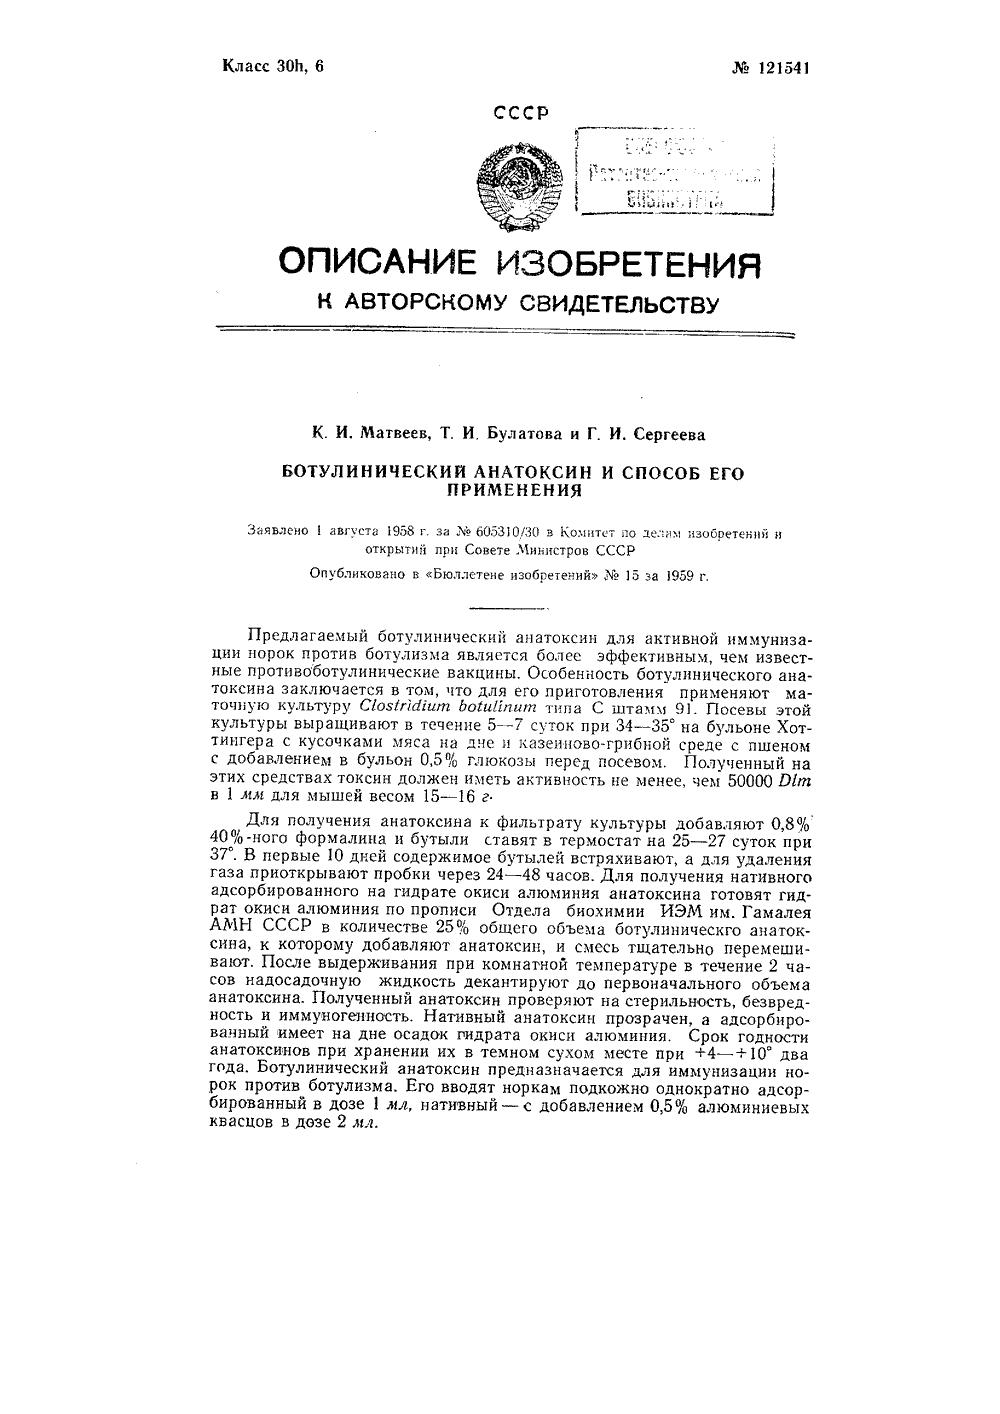 Анатоксин фото